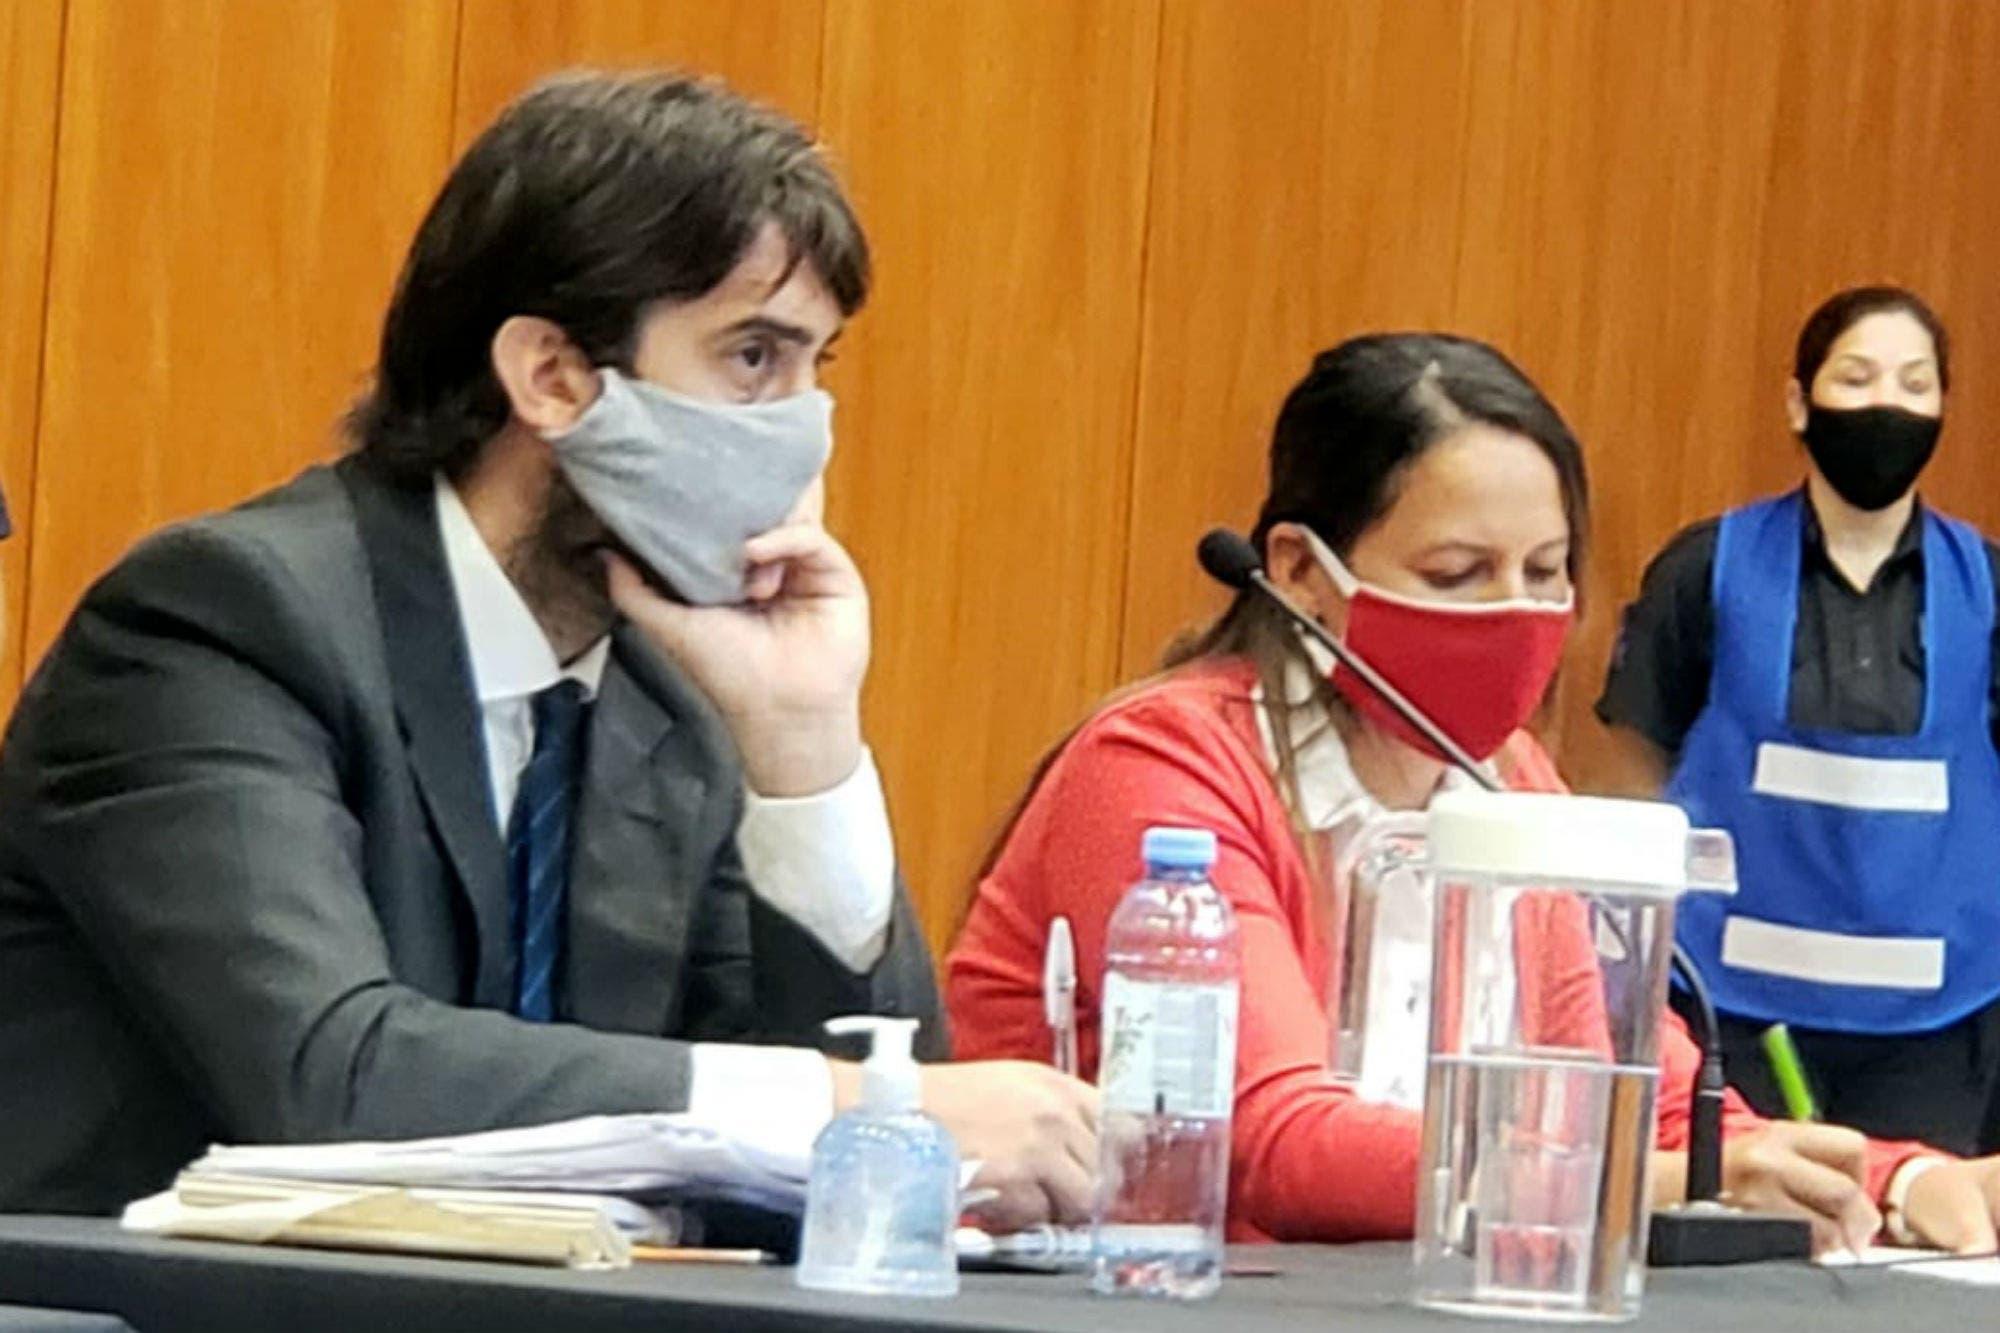 Caso Etchevehere: la jueza resolverá mañana si debe desalojarse el campo tomado